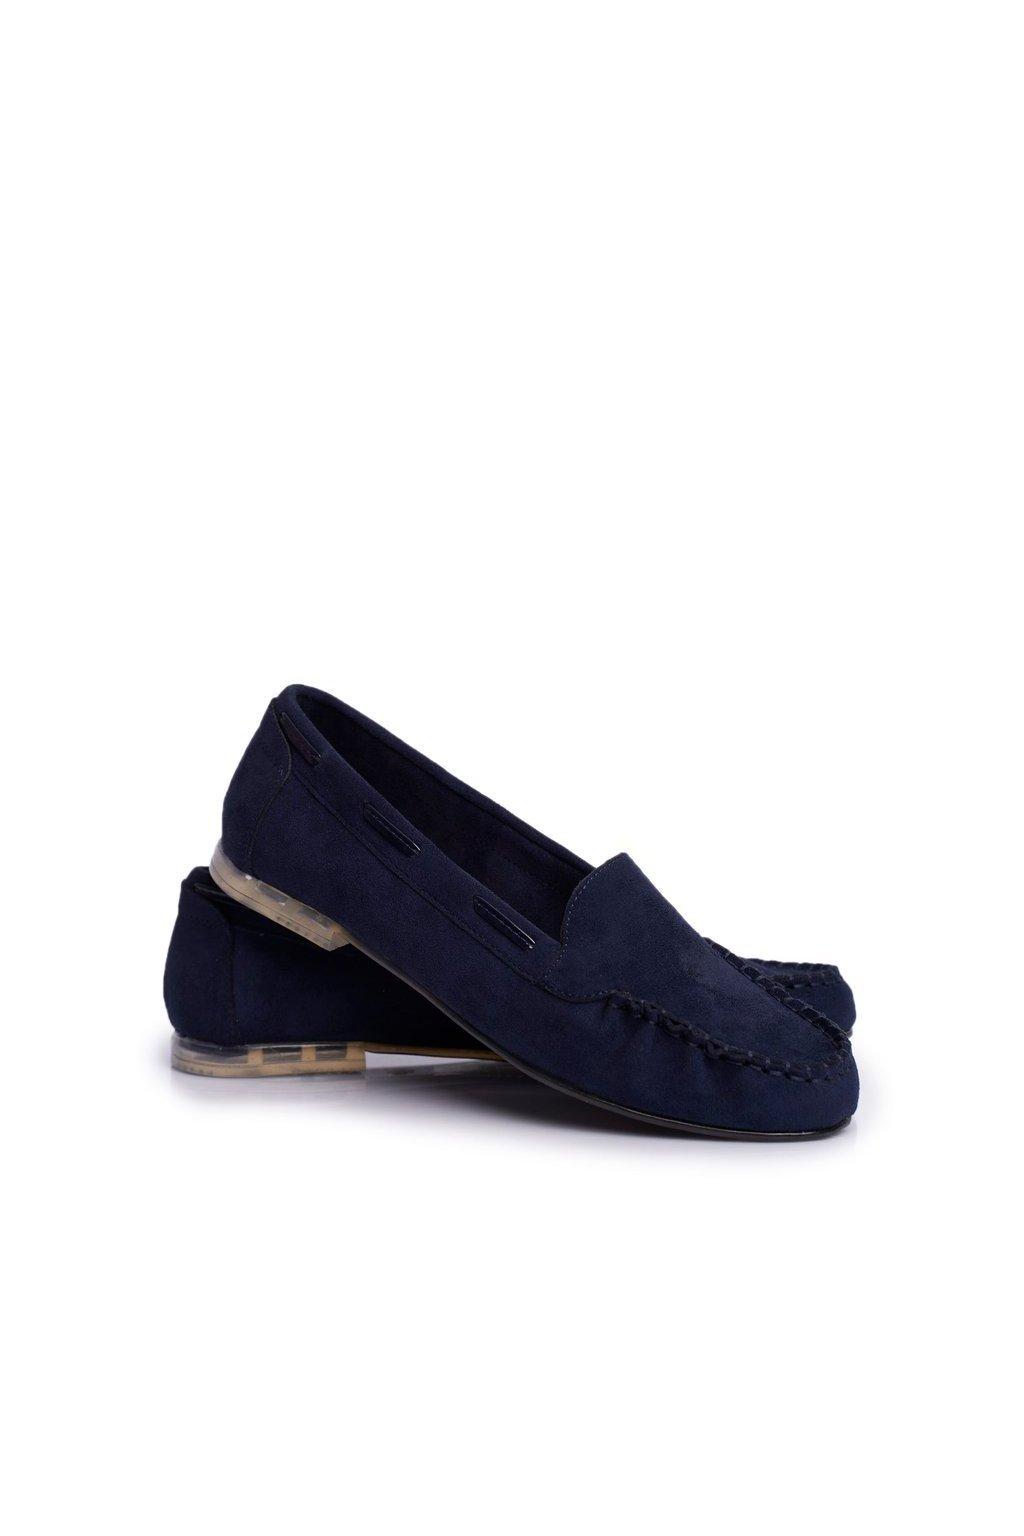 Dámske mokasíny farba modrá kód obuvi MK722 NAVY MIC